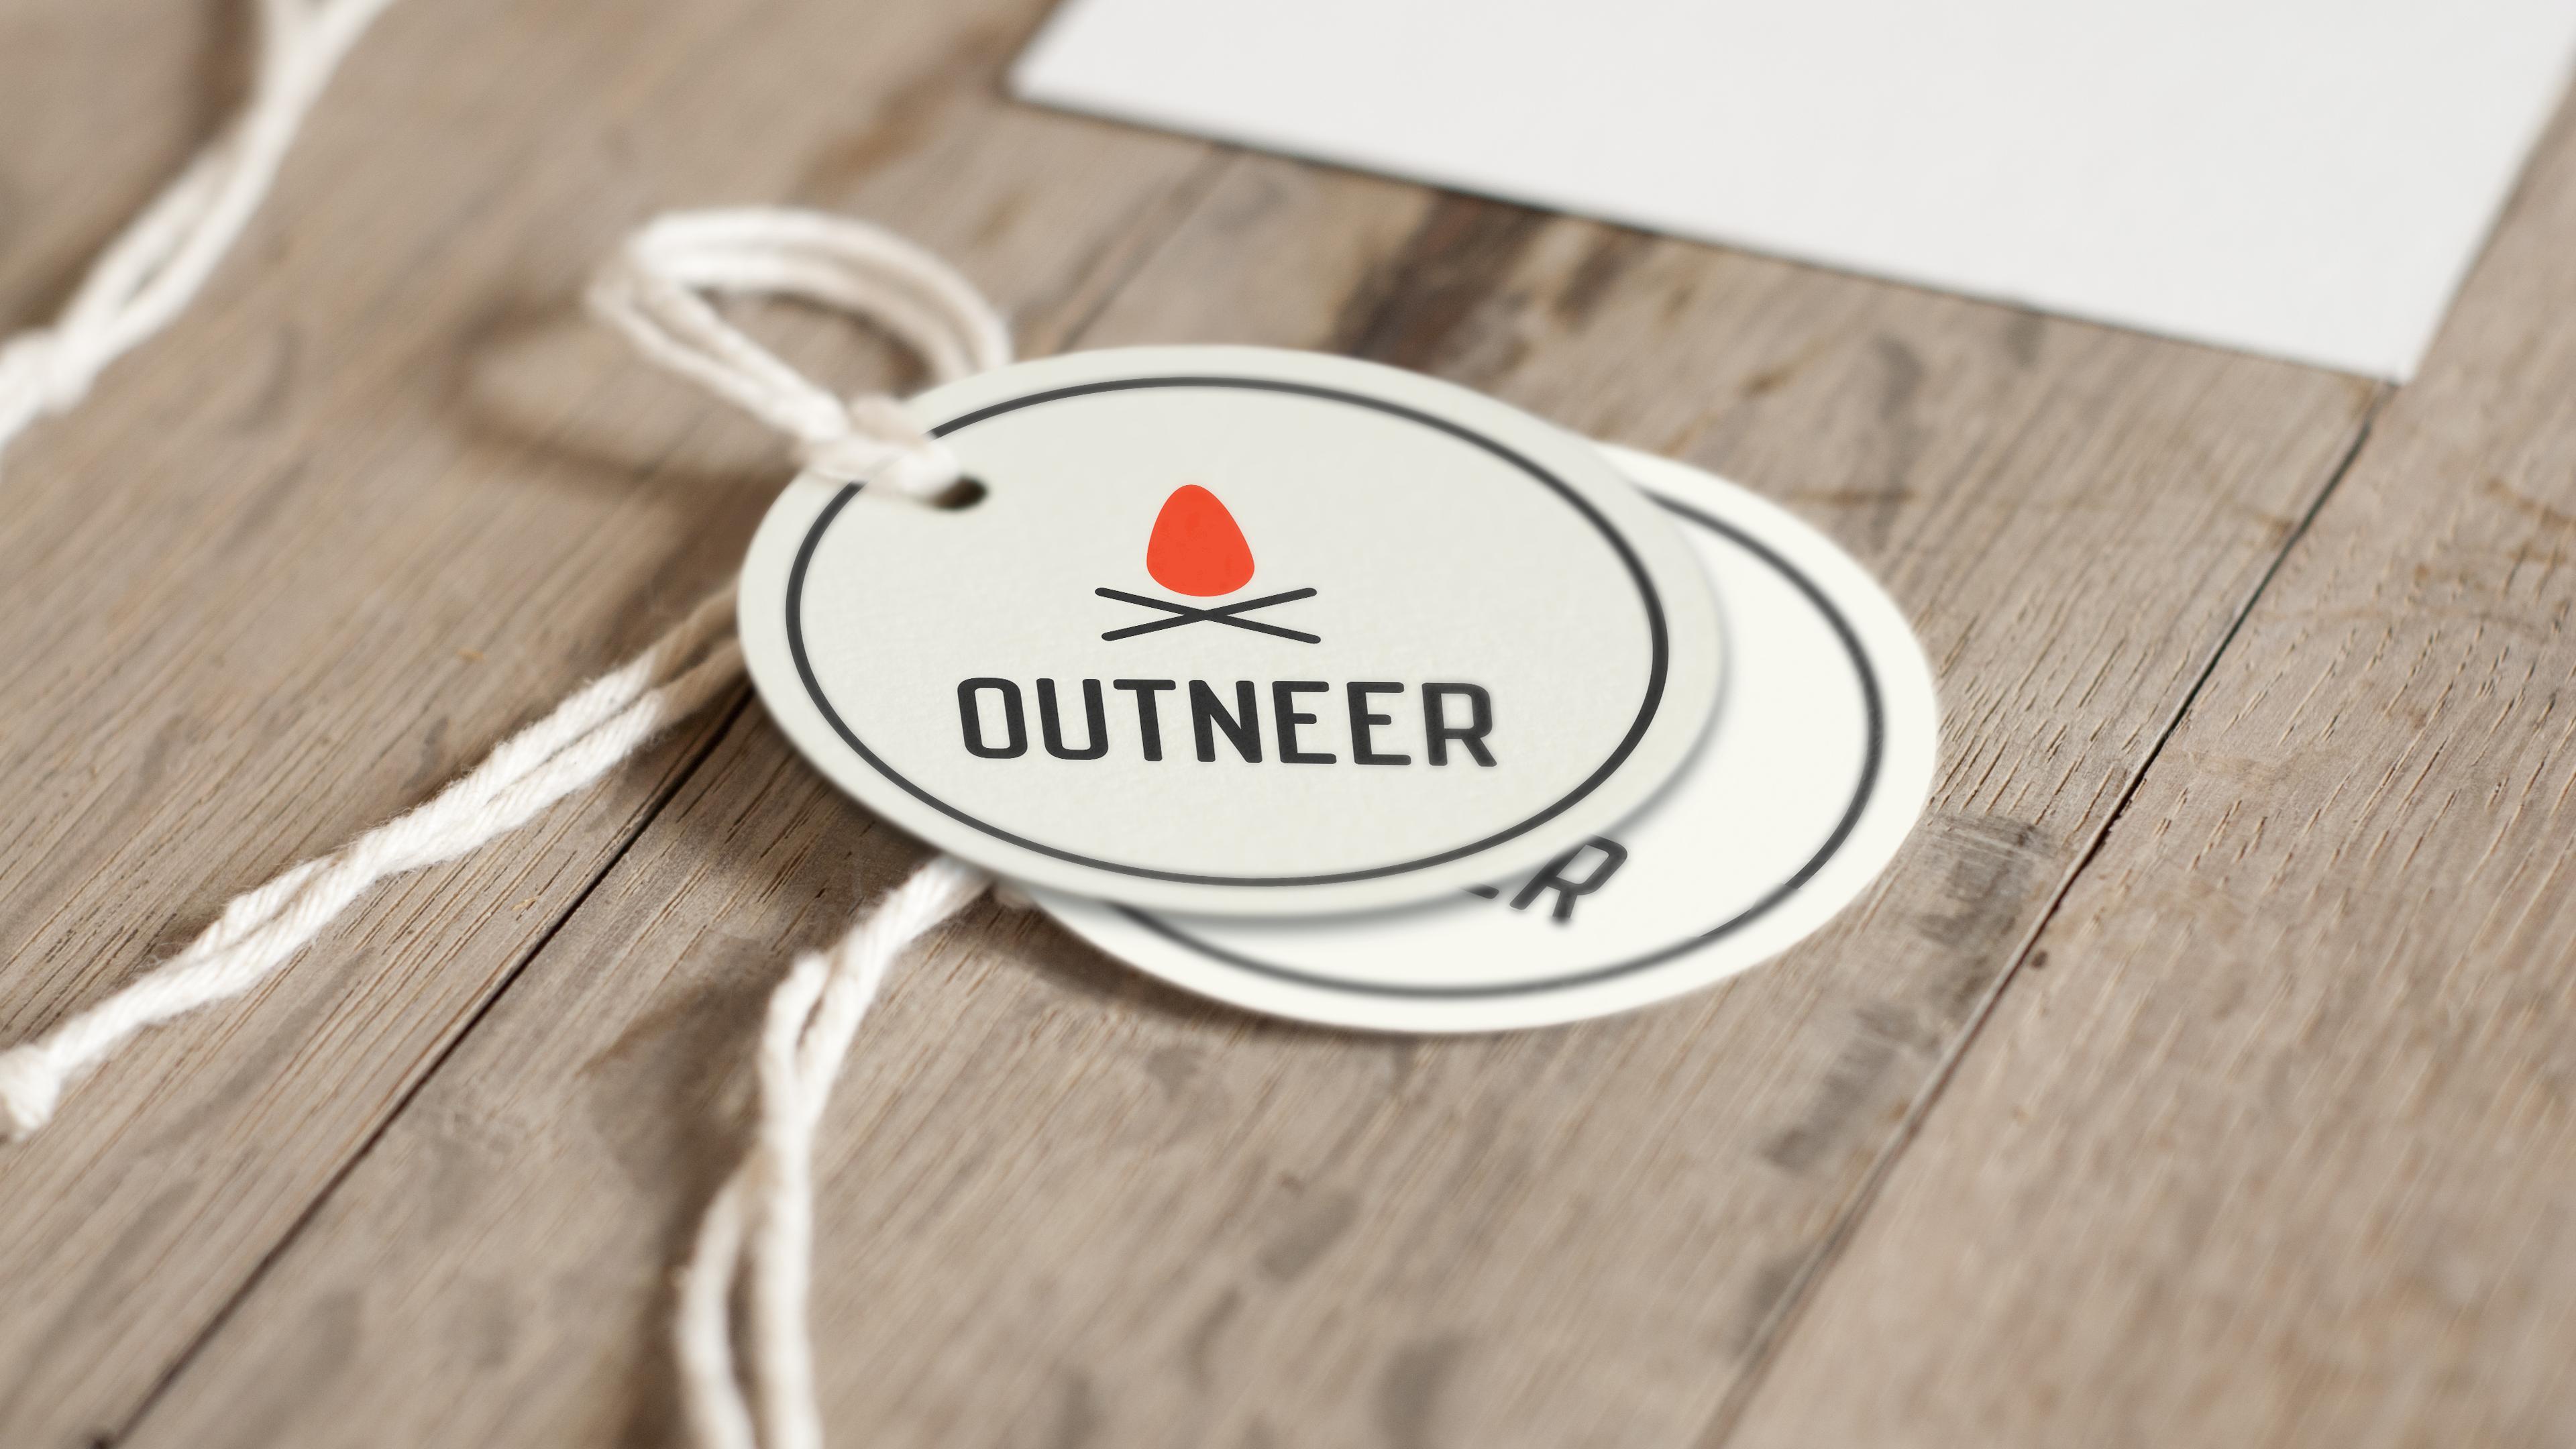 Outneer